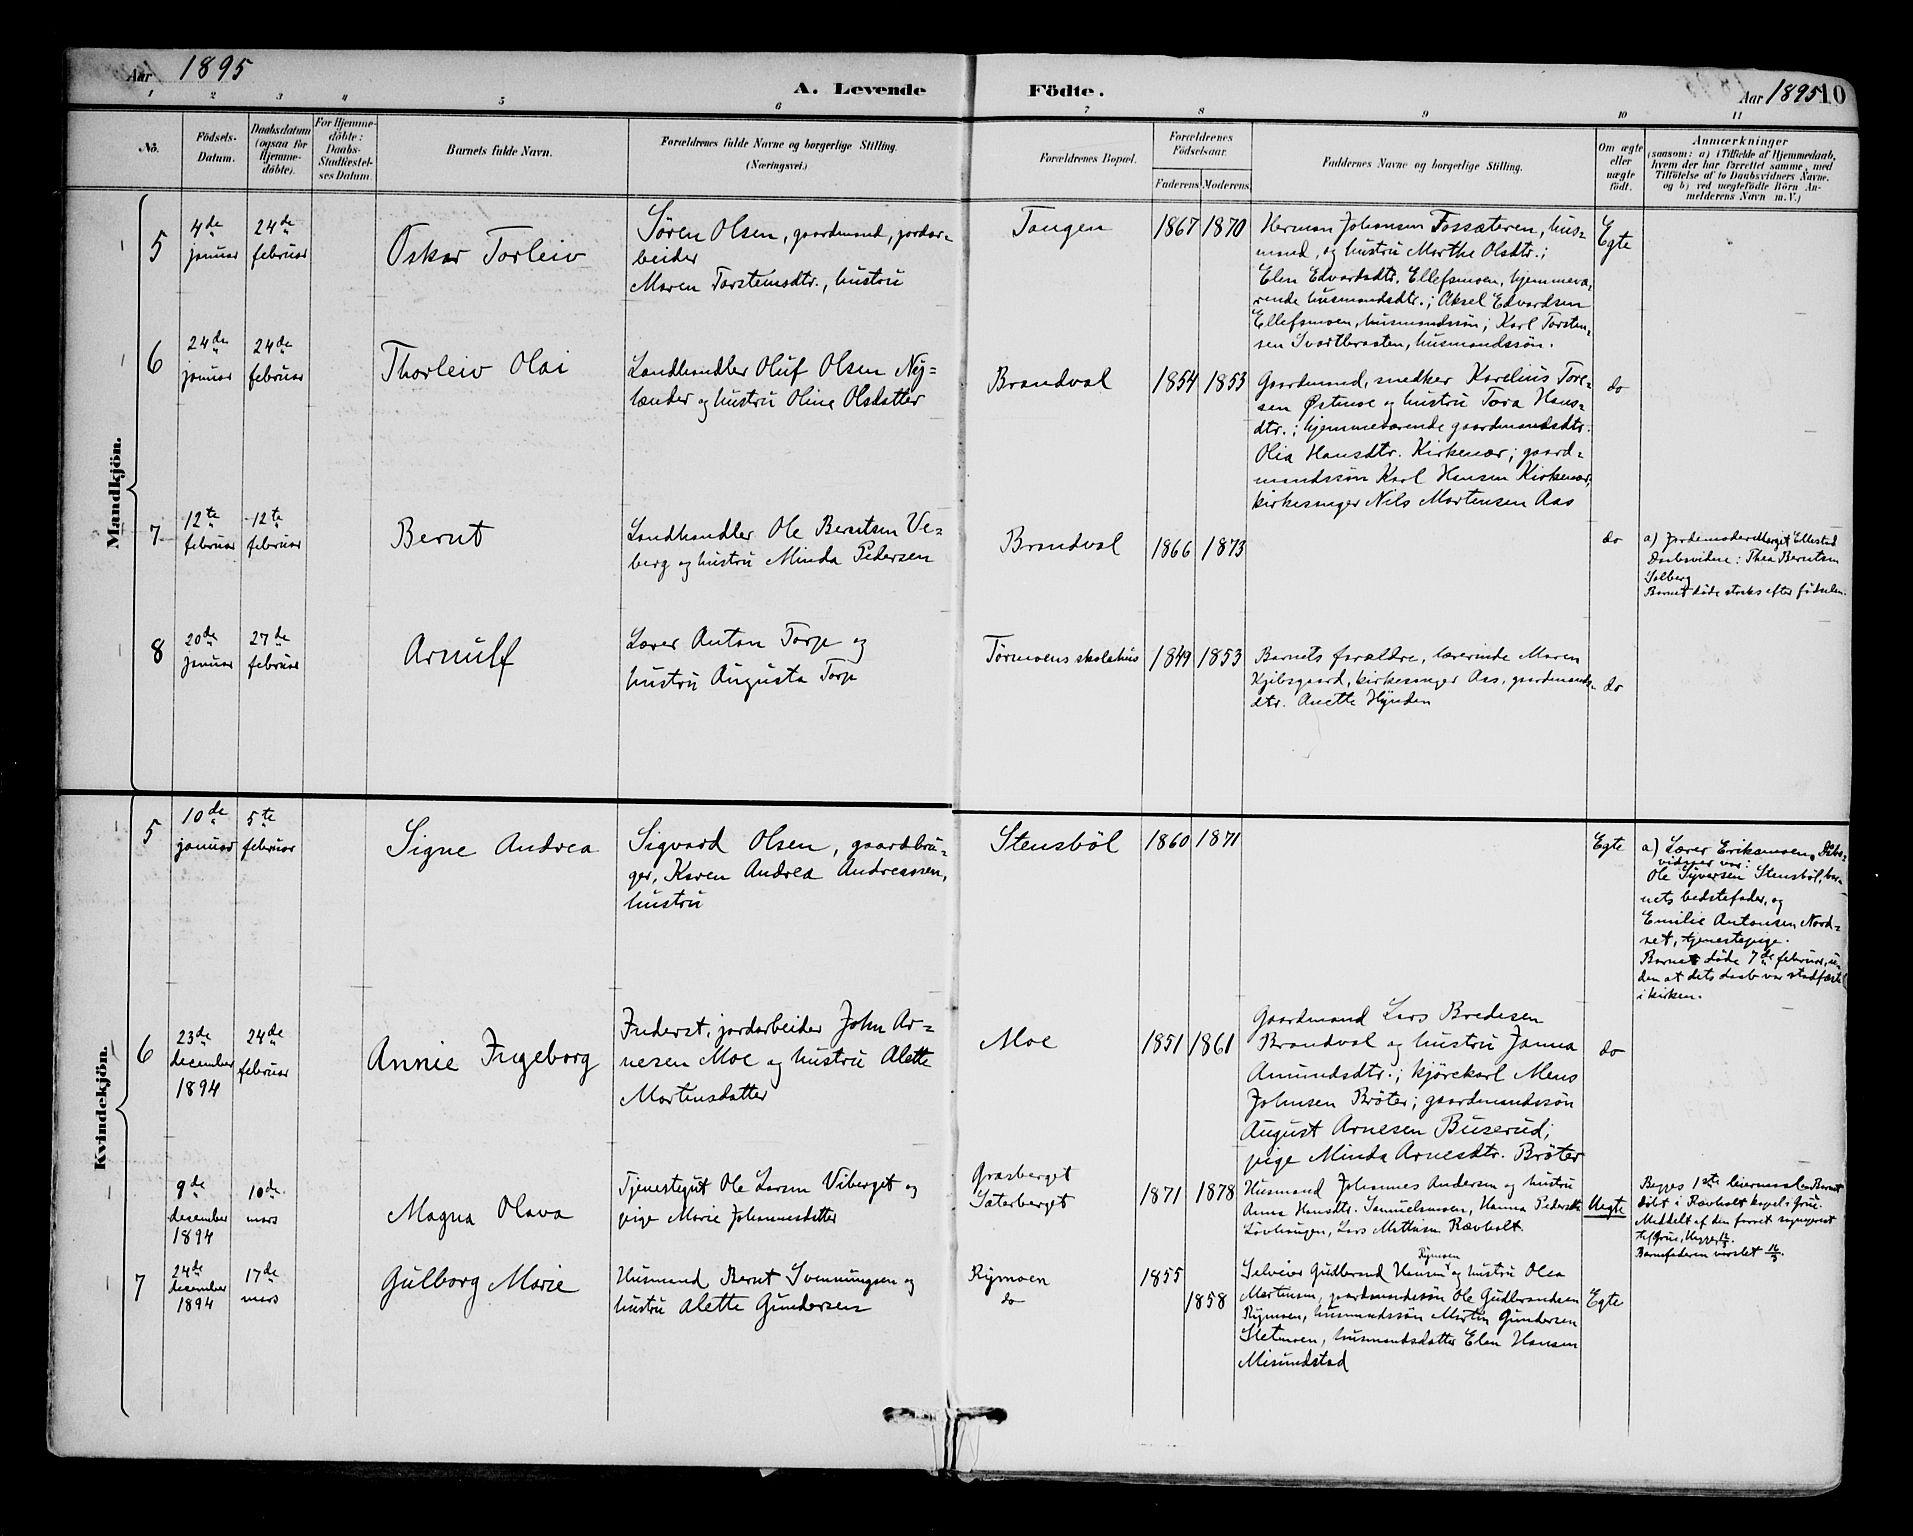 SAH, Brandval prestekontor, H/Ha/Haa/L0003: Ministerialbok nr. 3, 1894-1909, s. 10